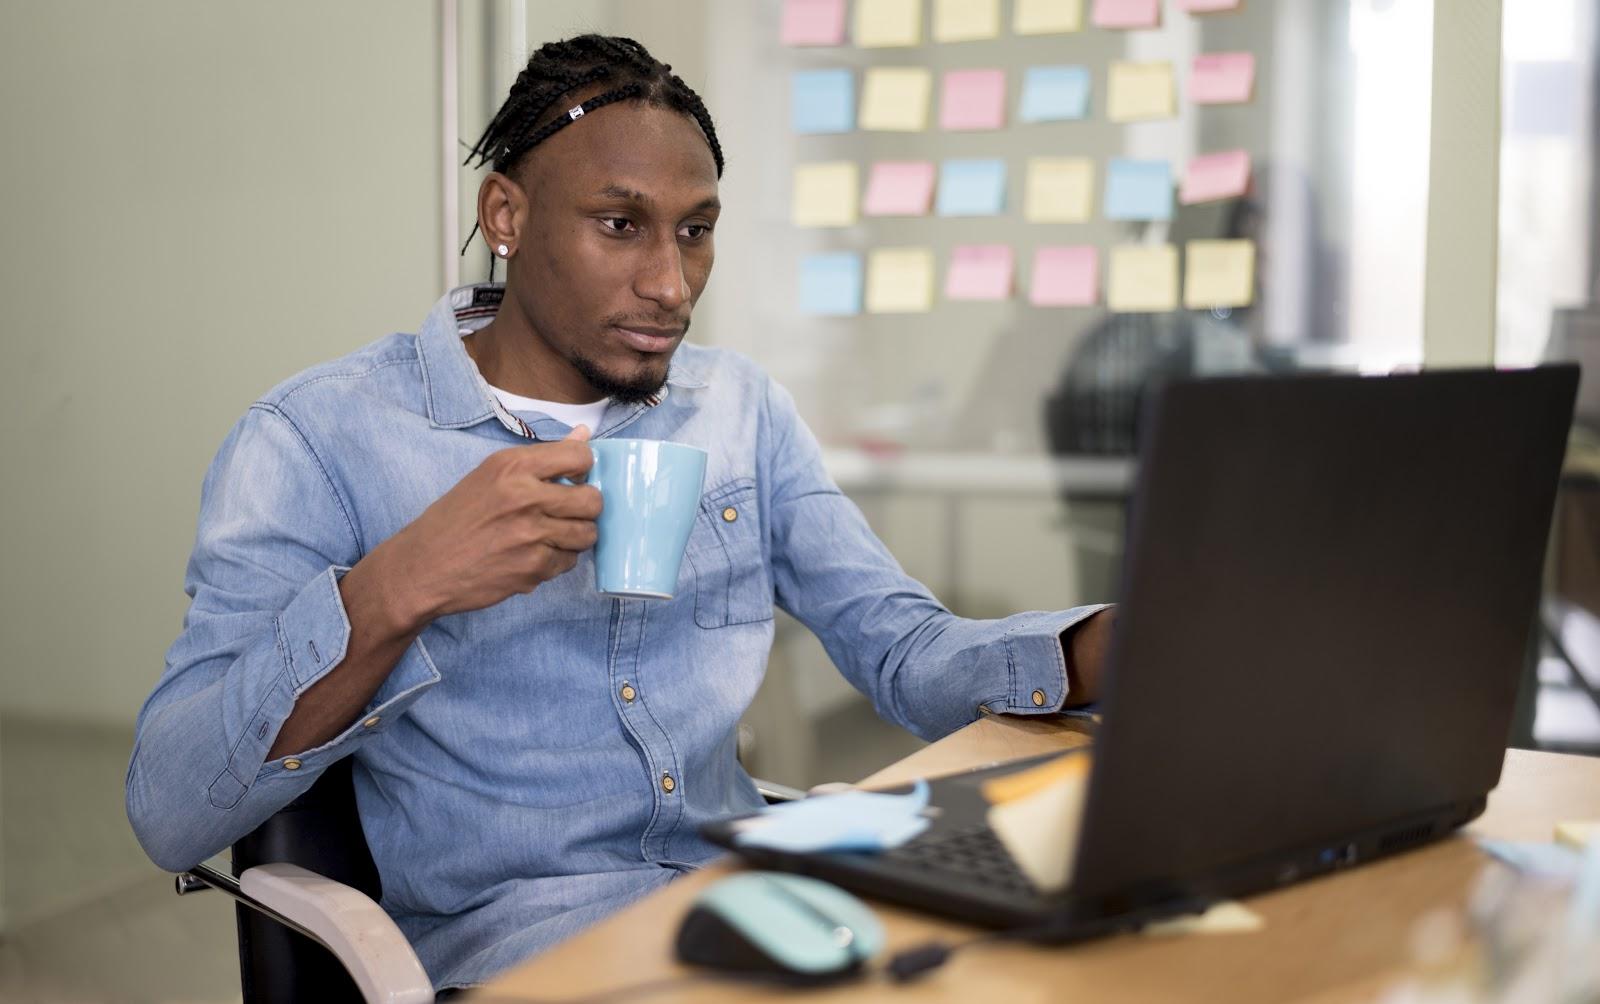 Imagem de um homem jovem segurando uma xícara e mexendo em seu notebook em um escritório, ilustrando a facilidade de trabalhar com metodologias ágeis.